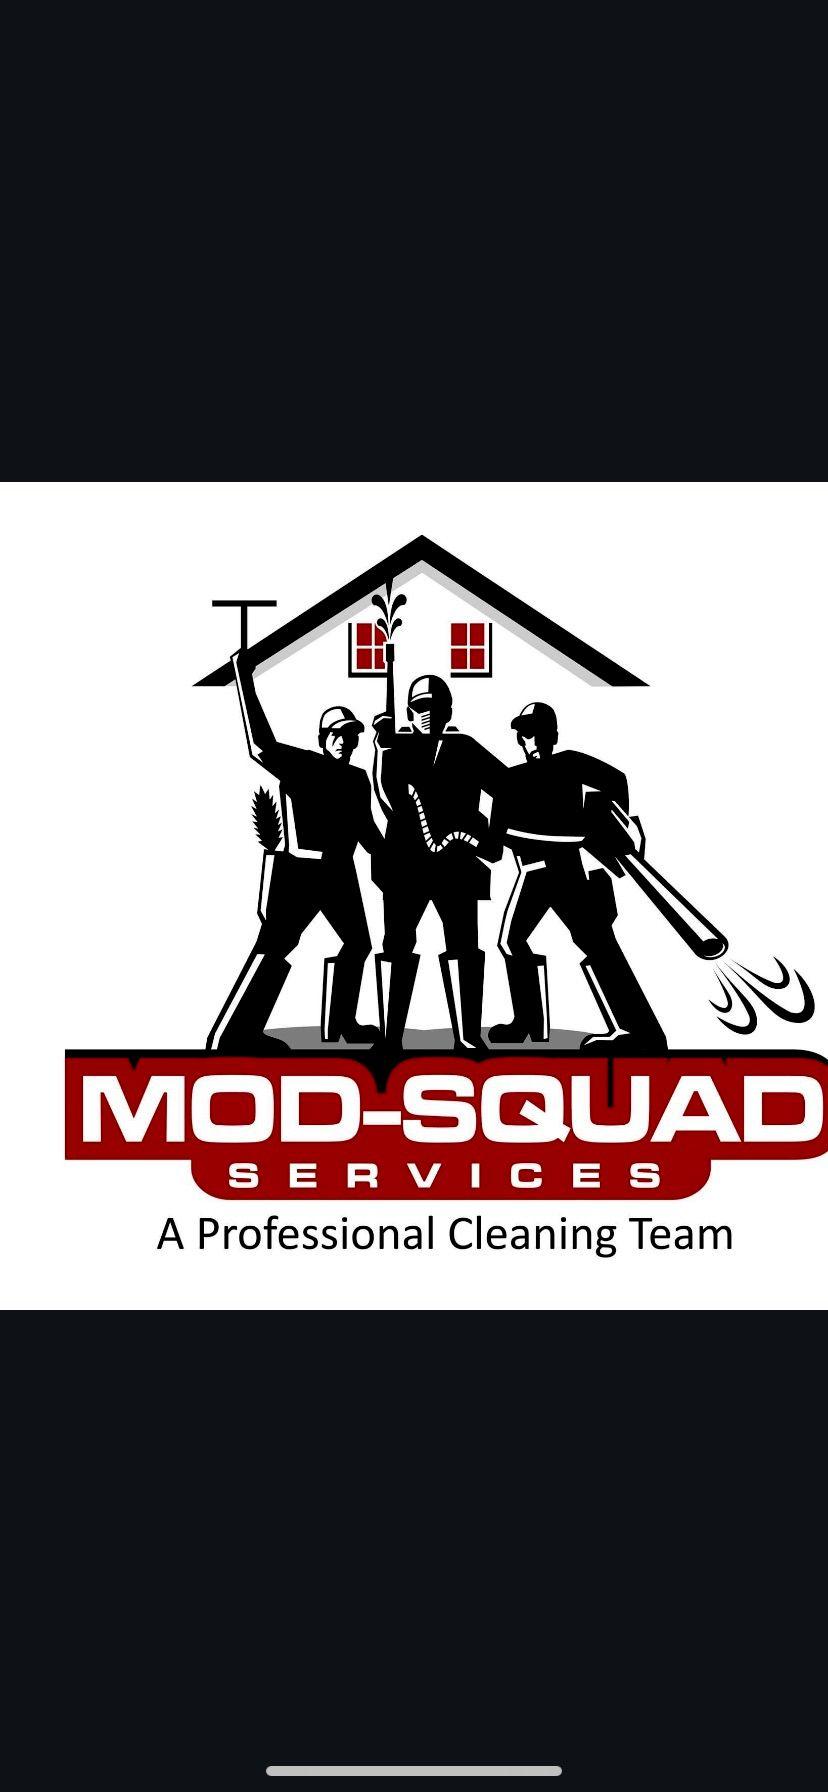 Mod-Squad Services